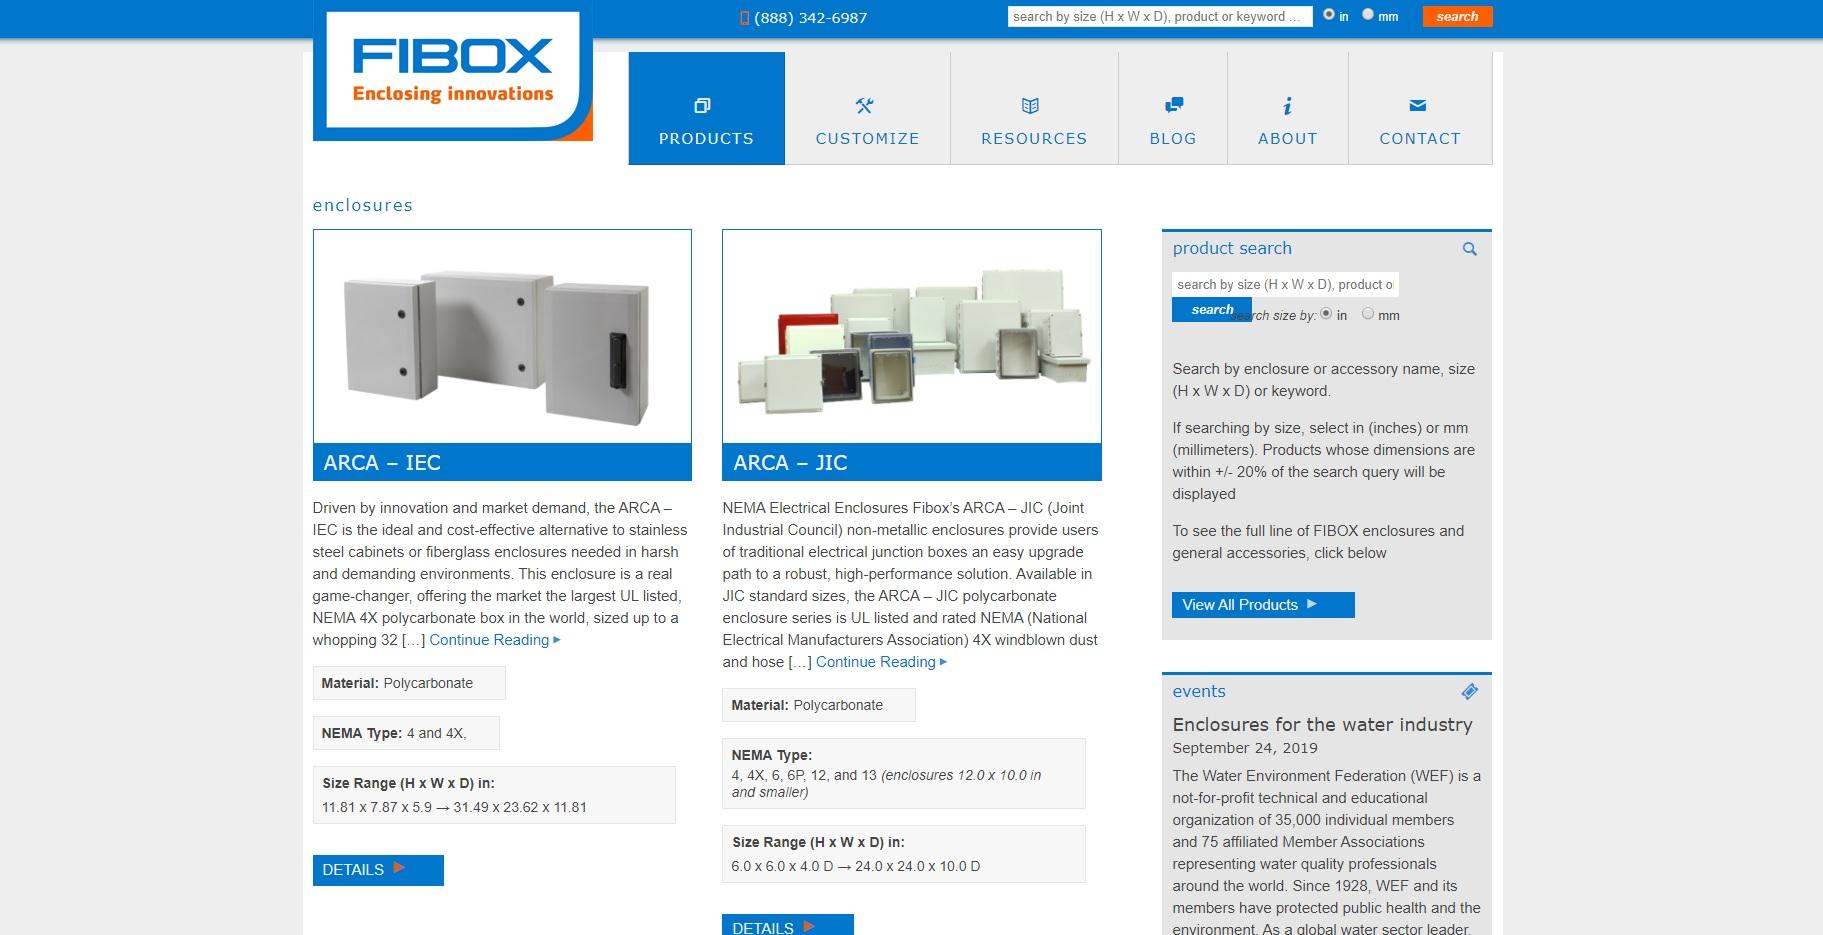 Fibox Enclosures